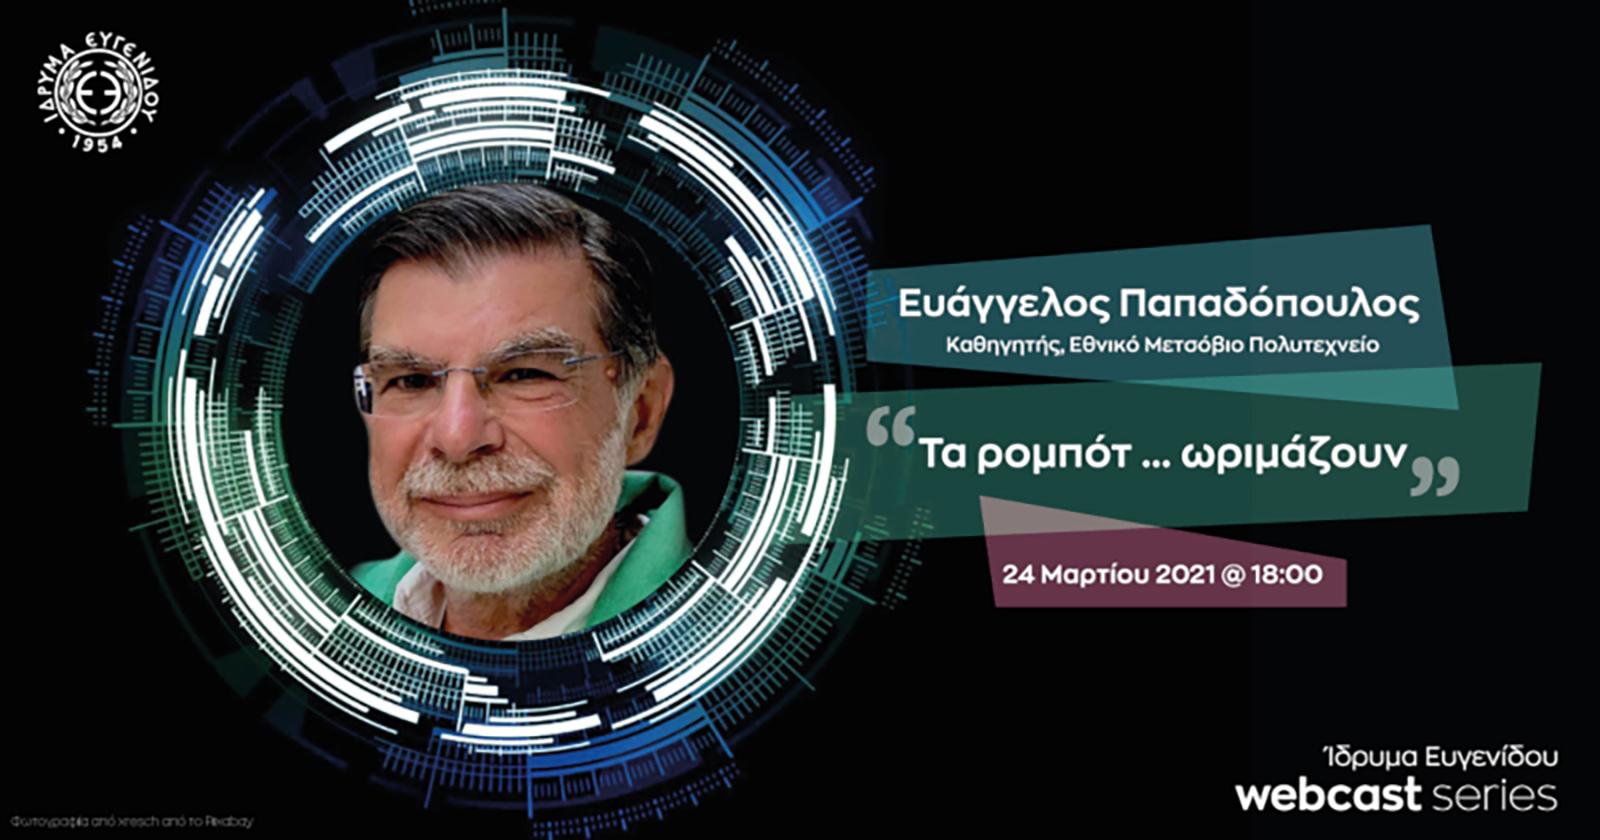 Evaggelos Papadopoulos WEBCAST